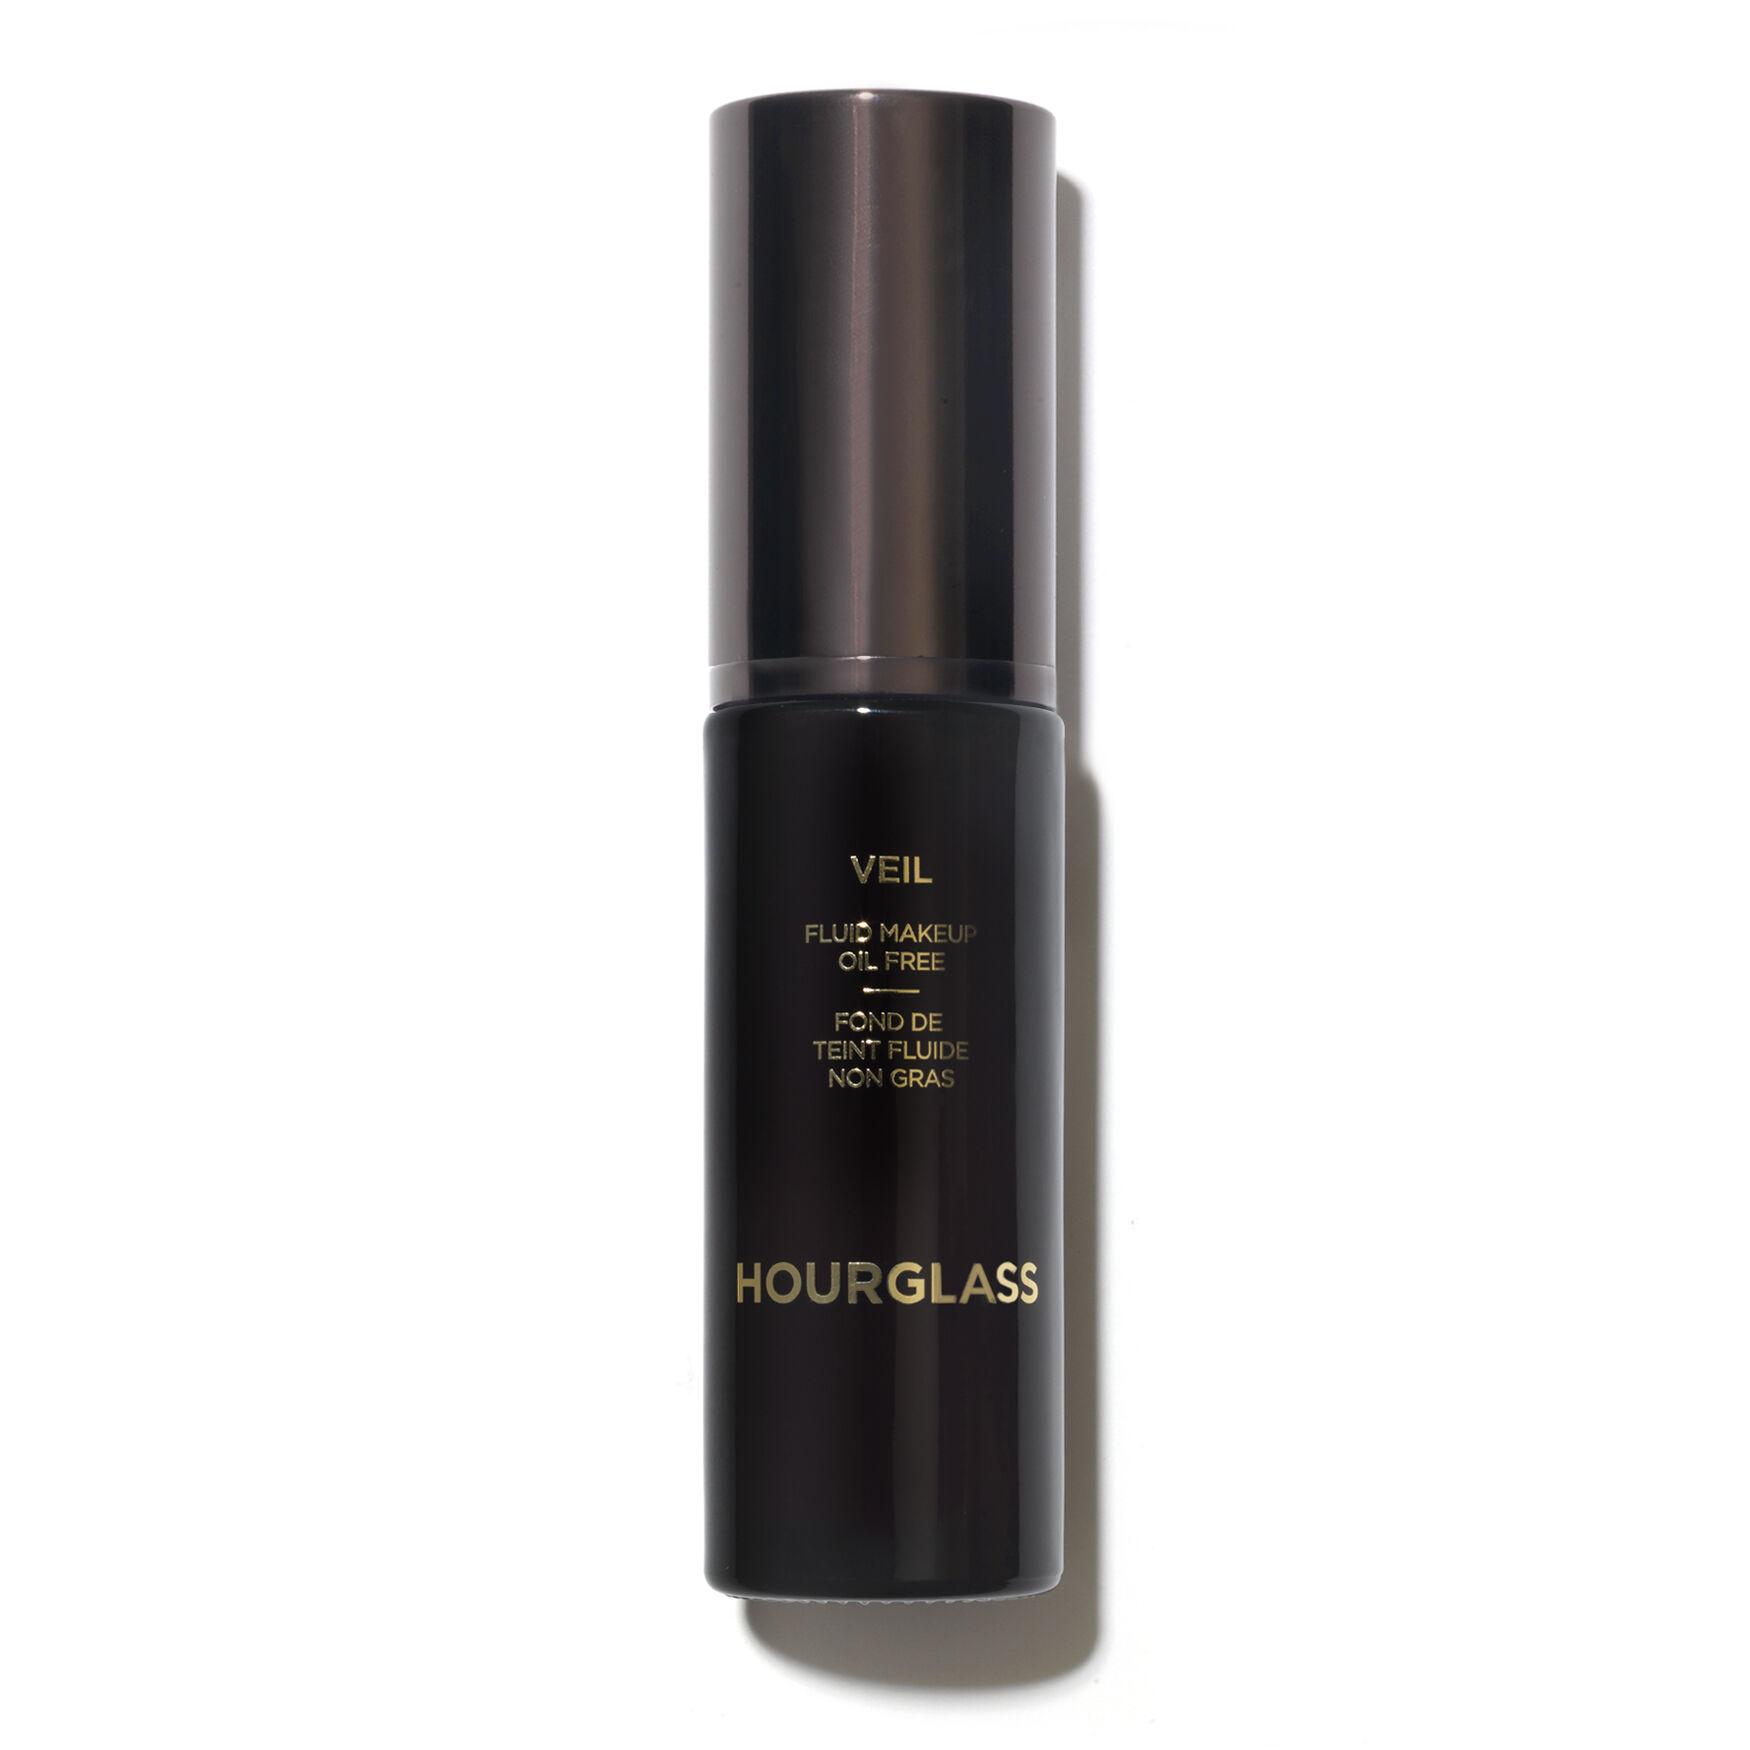 Hourglass Veil Fluid Makeup E Nk